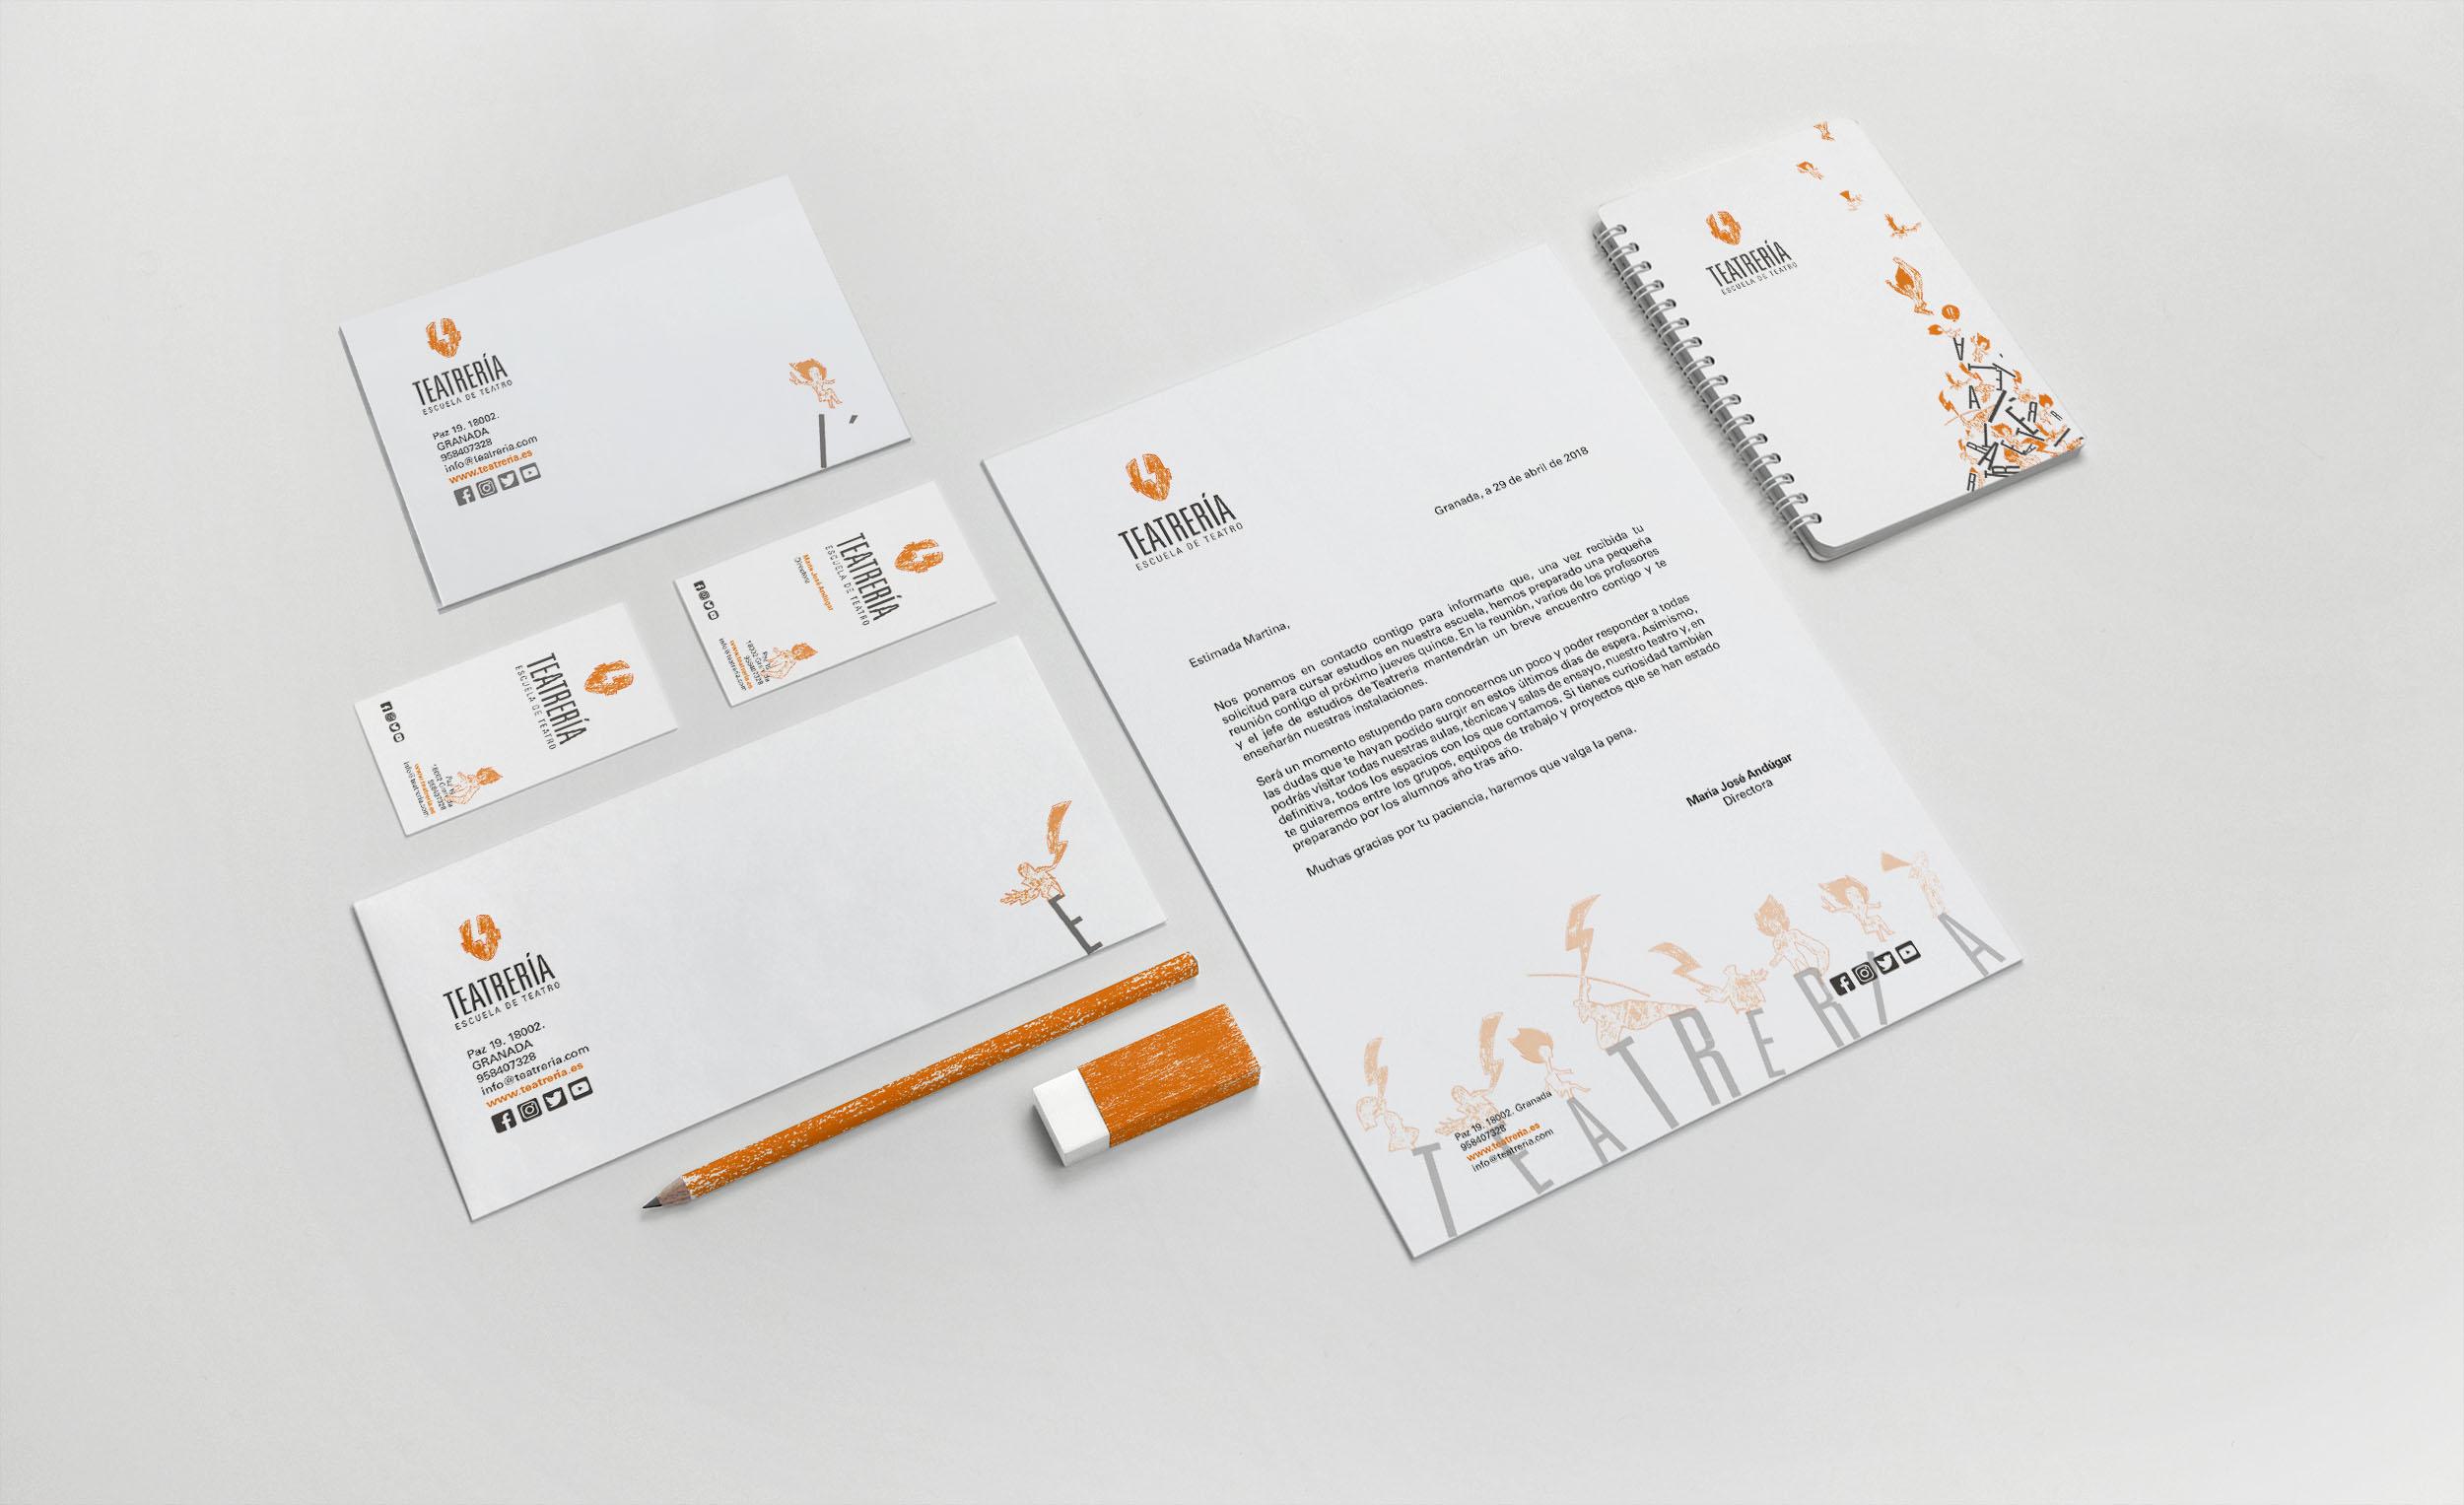 Teatrería. Identidad corporativa de una escuela de teatro. by Antonio Espuch - Creative Work - $i